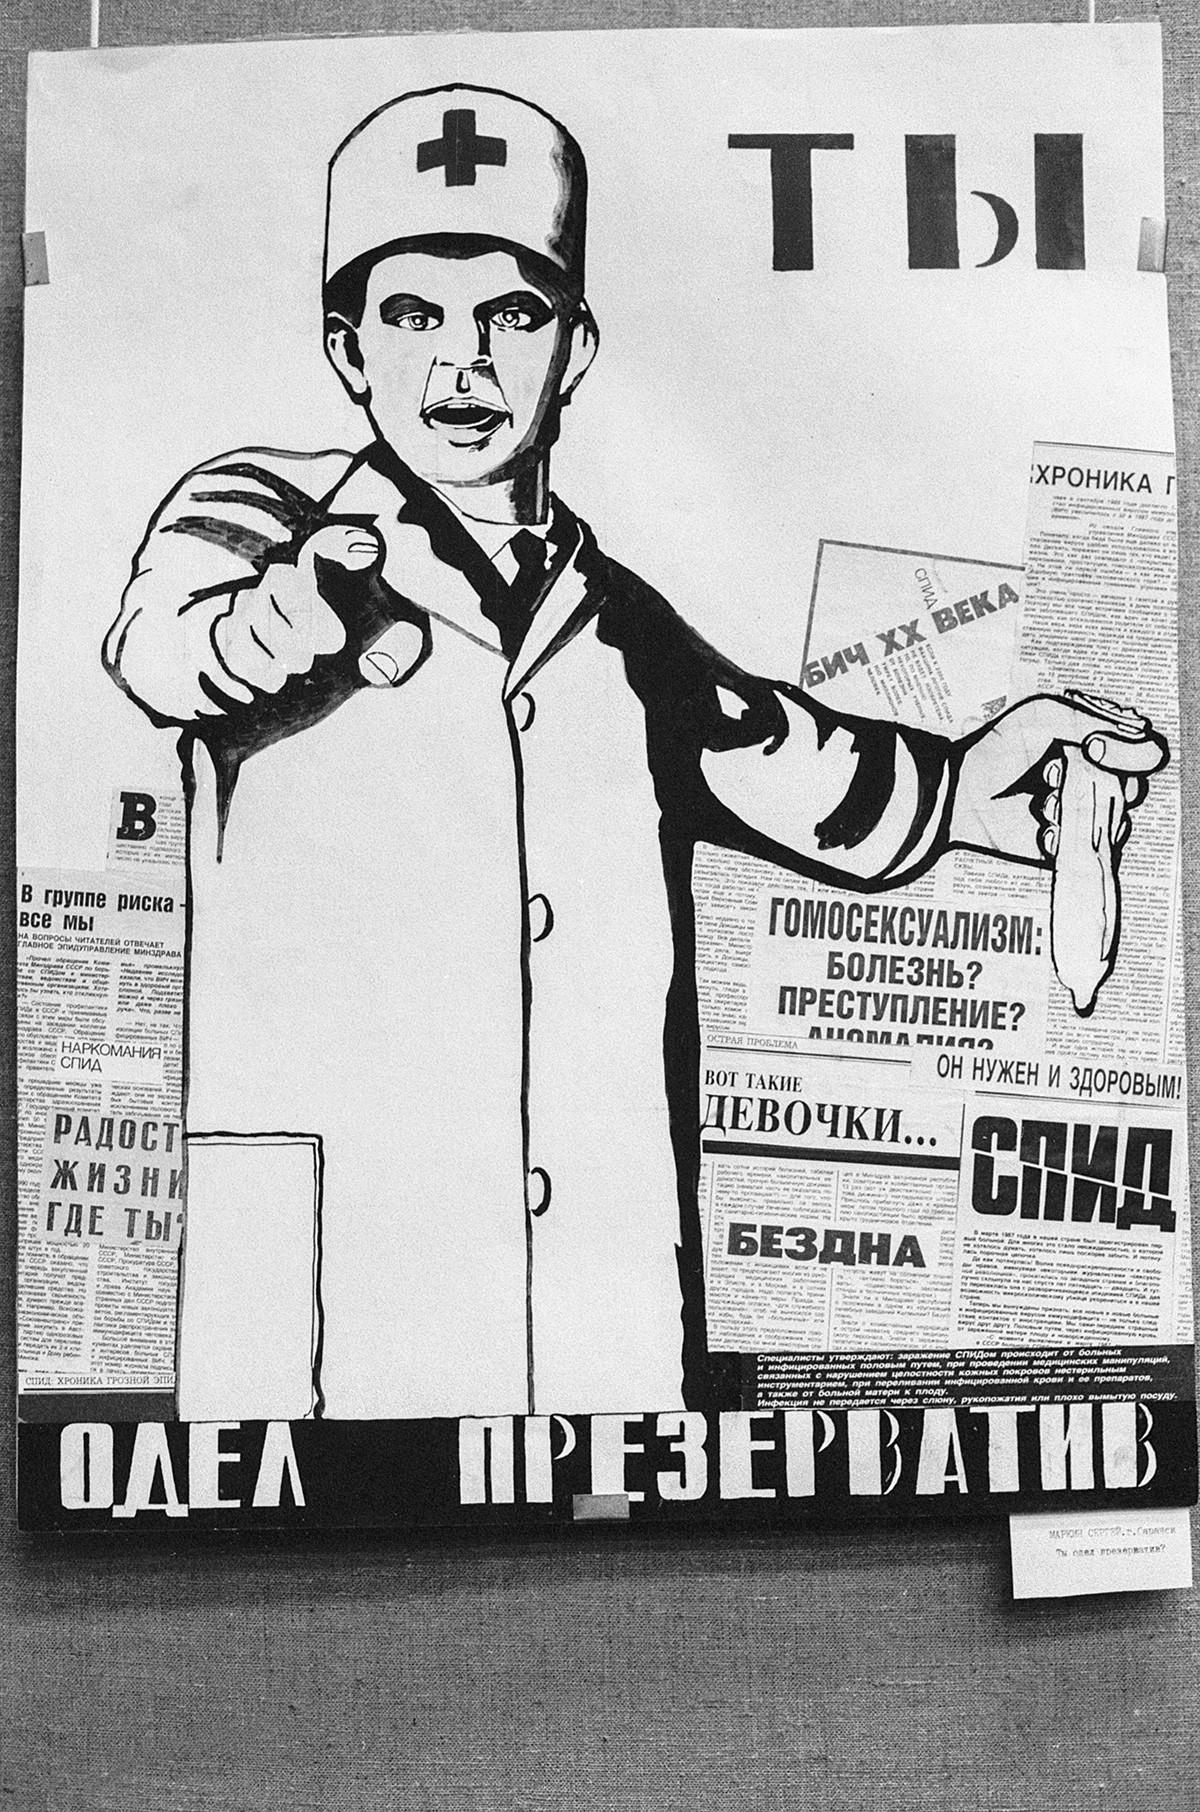 СССР, Москва. 2 февруари 1991 година. Плакат на уметникот С. Маркин на изложба на плакати.